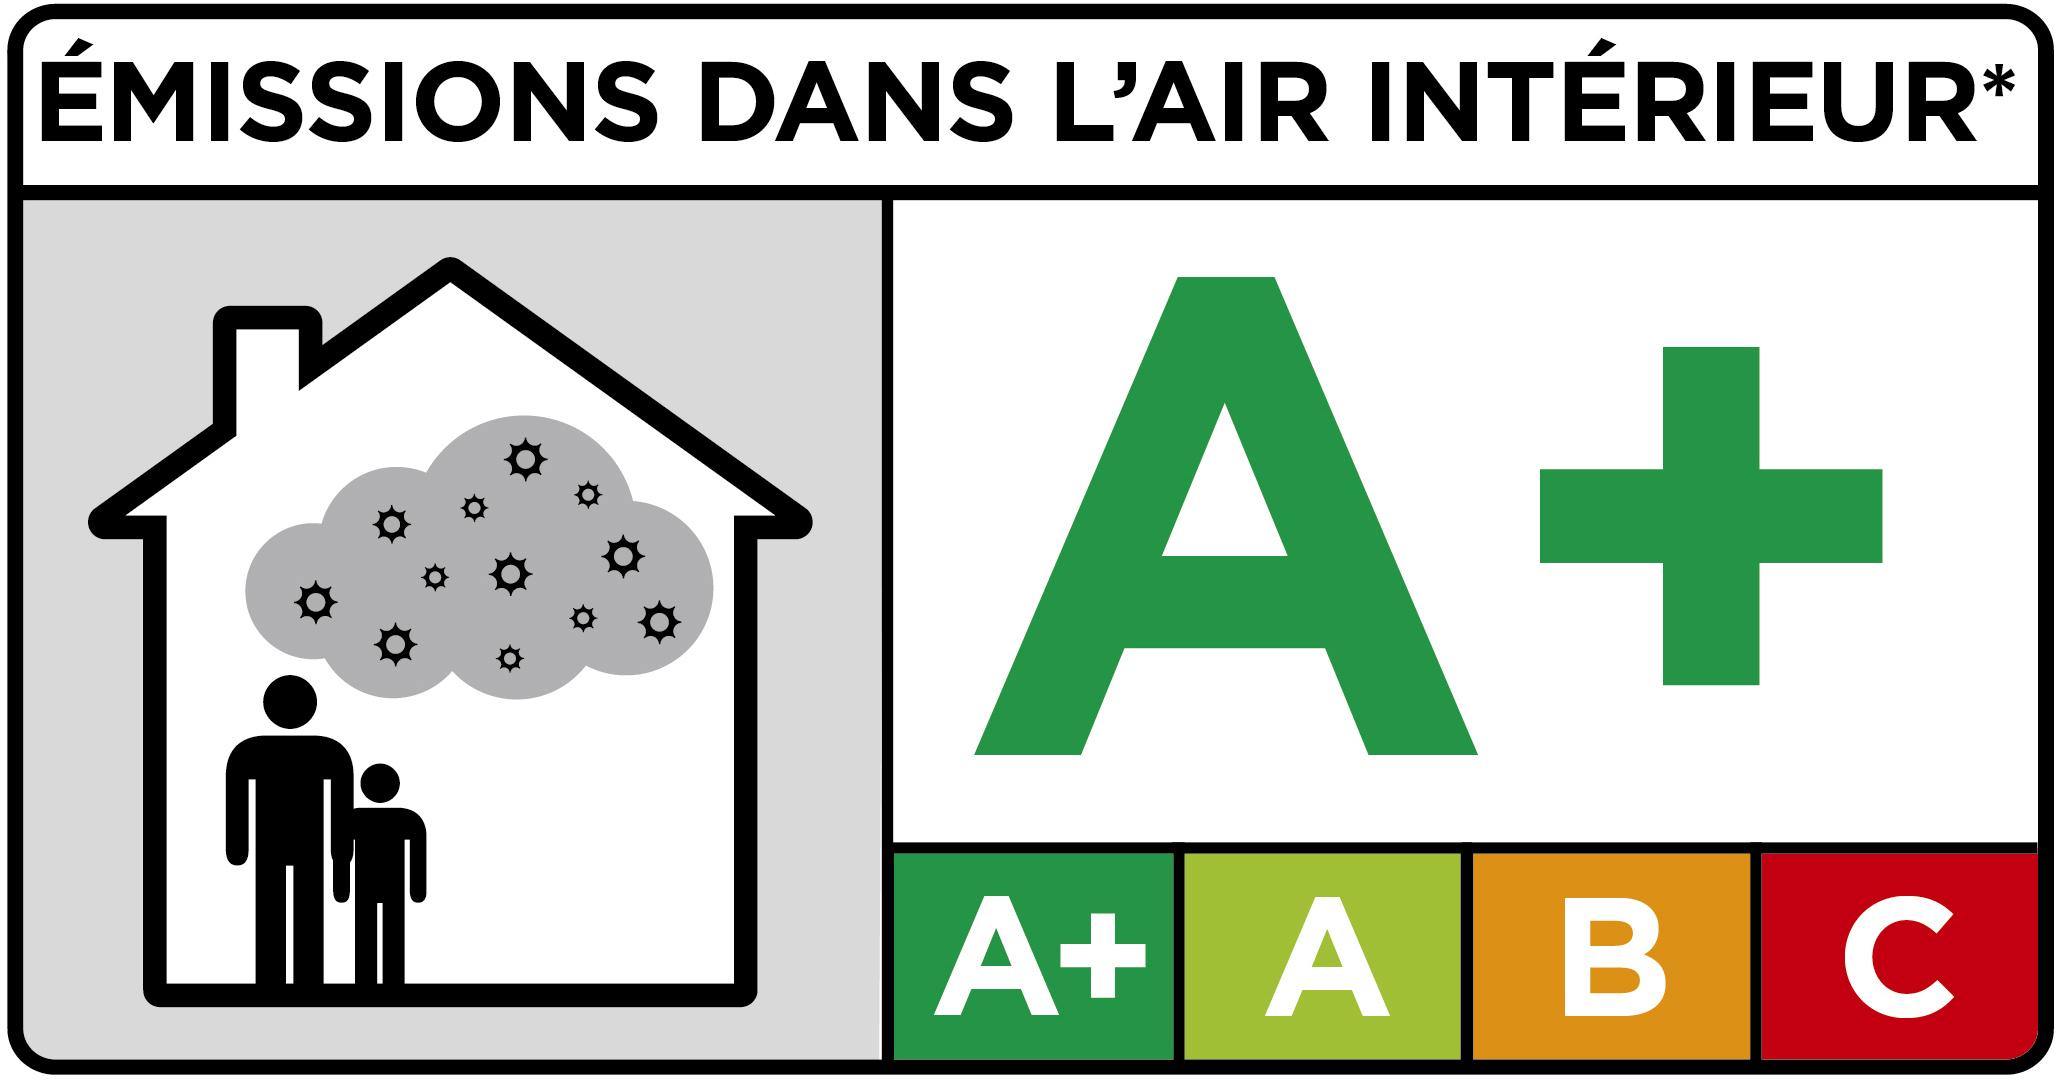 Papier-peint-etiquette-emissions